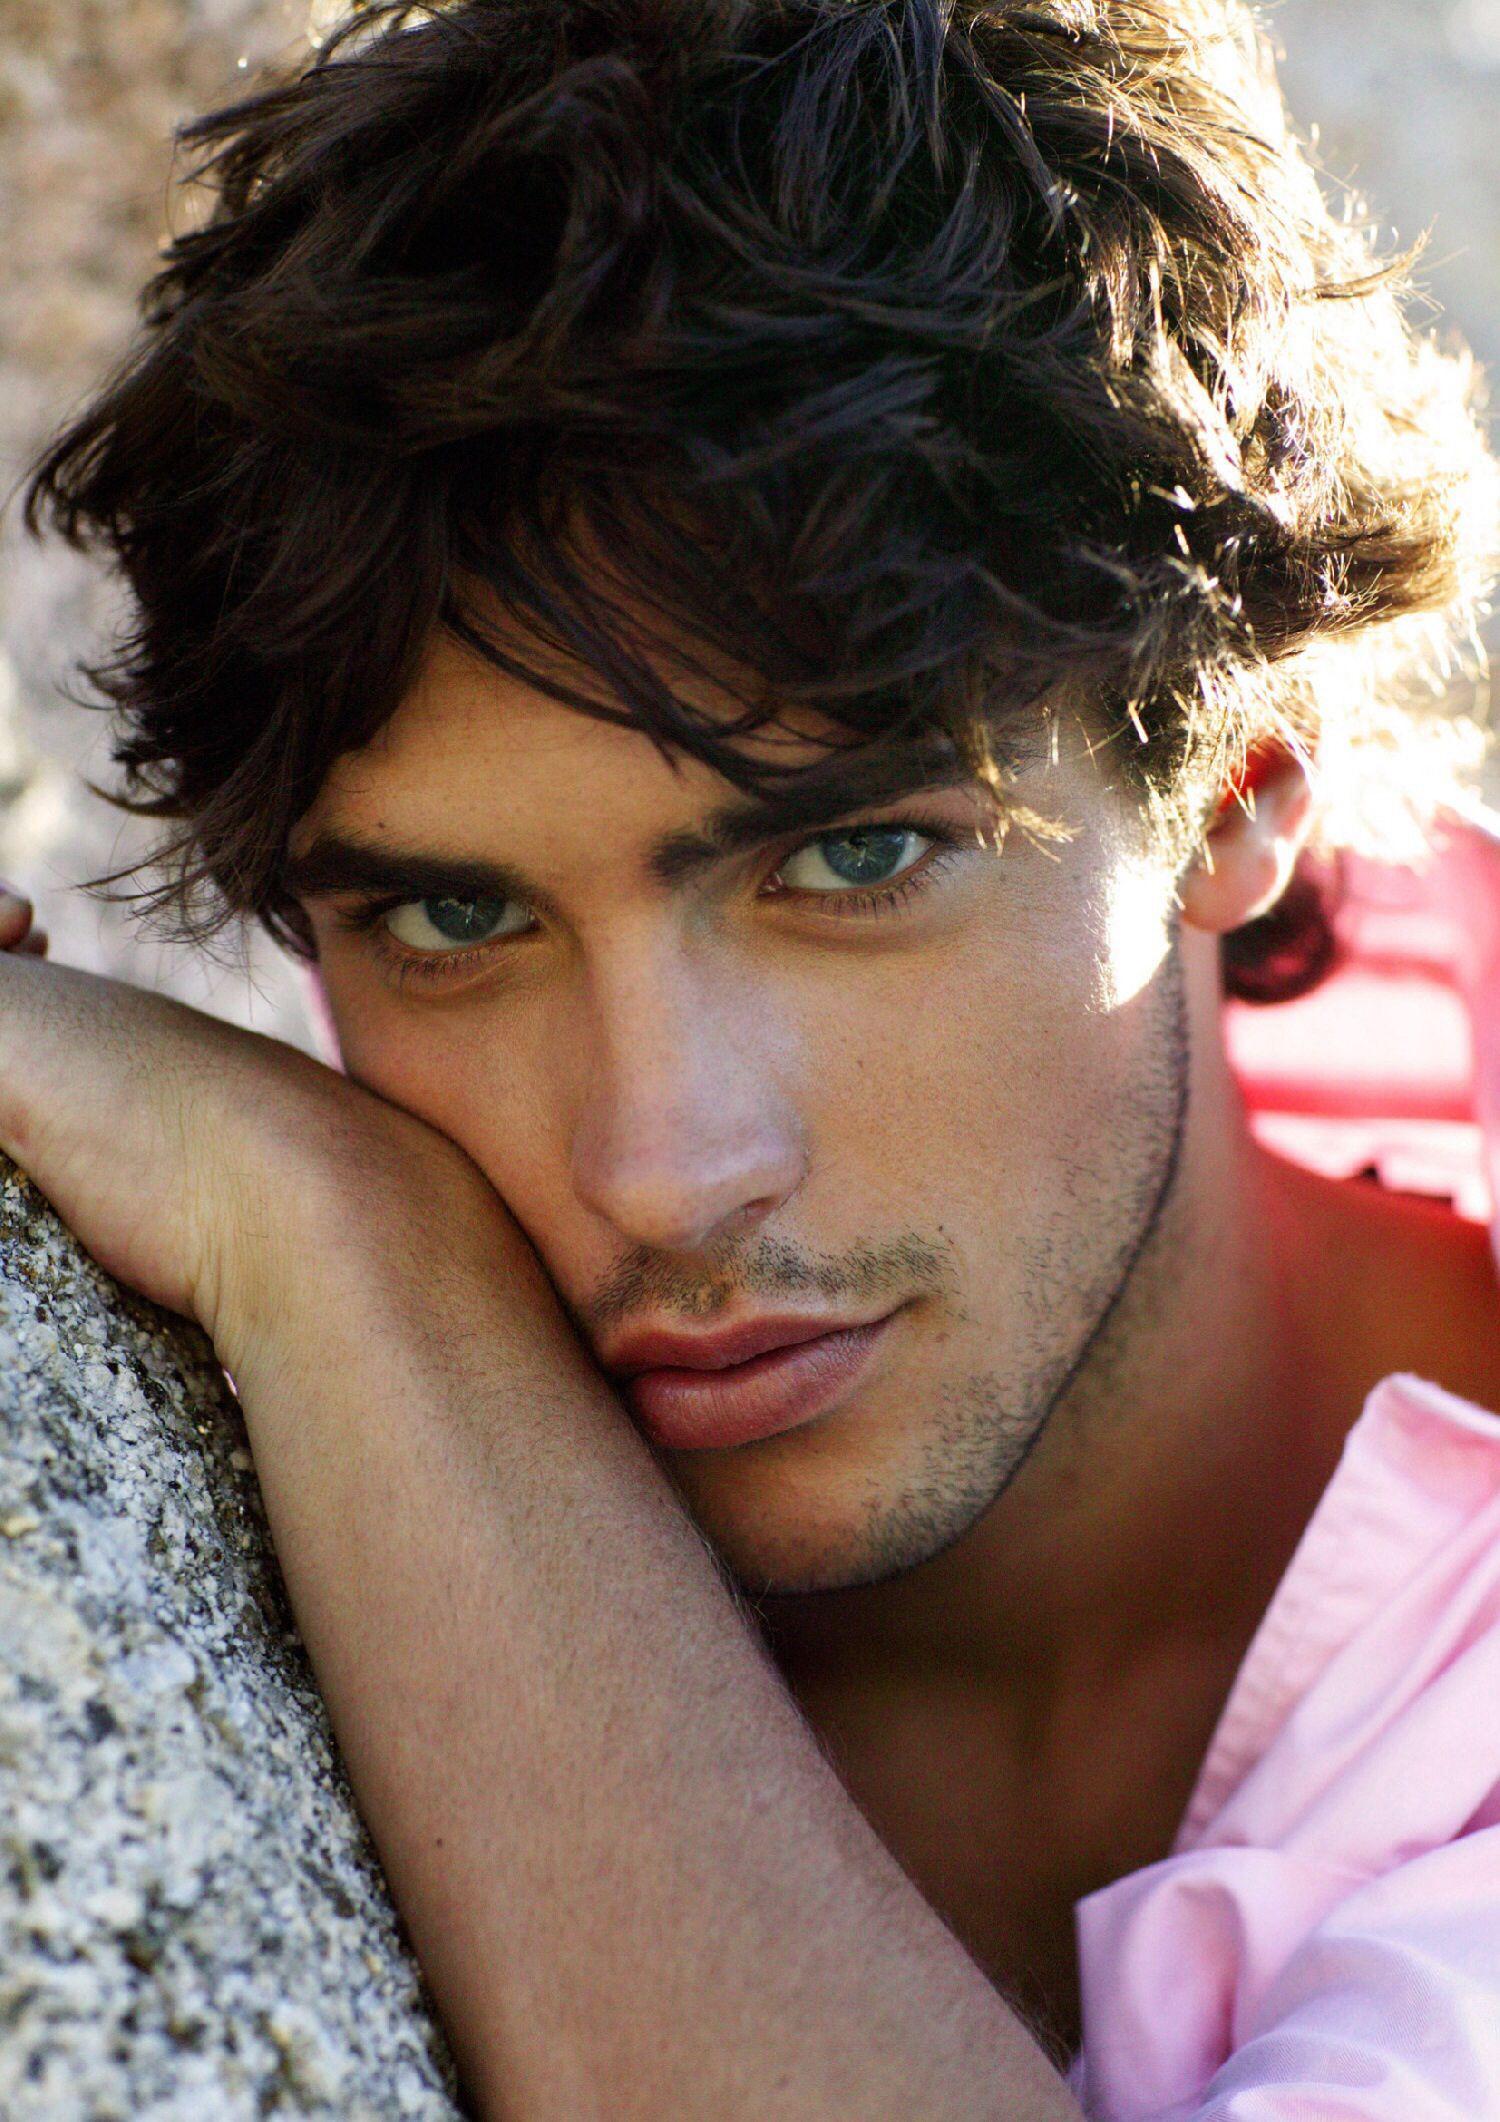 это самые красивые модели мужчины фото экссудативной